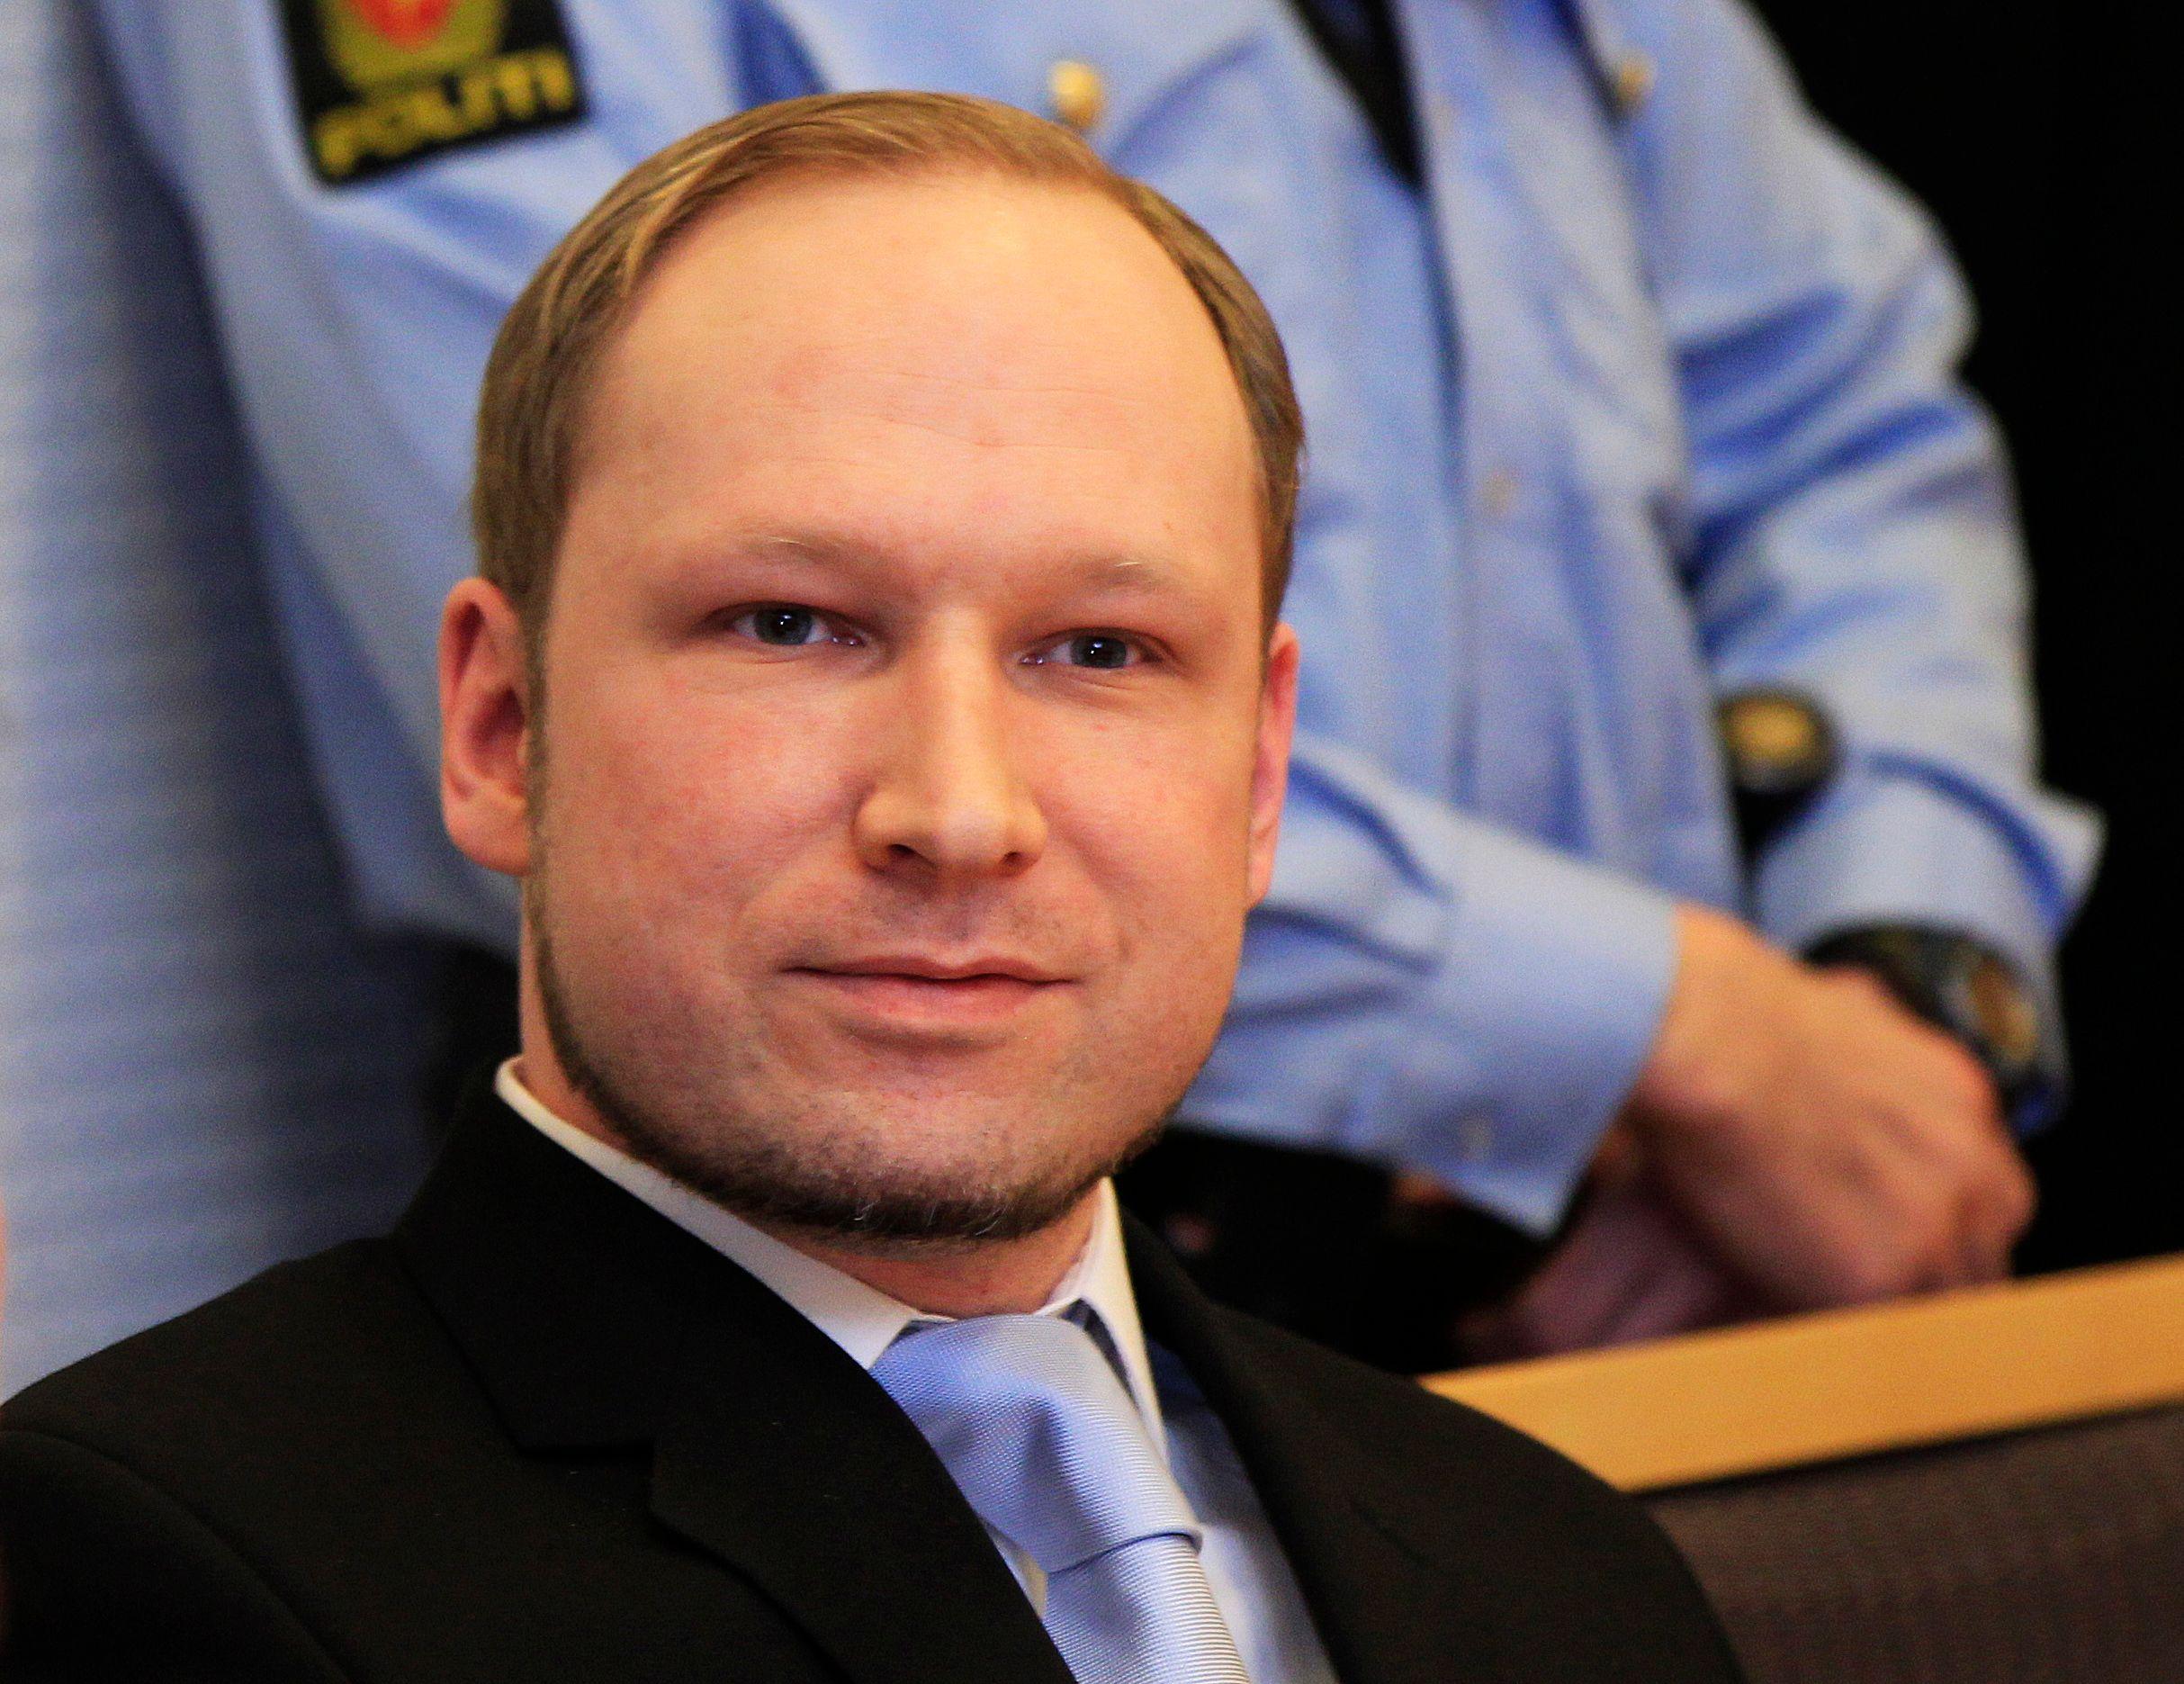 Condamné à vingt et un ans de prison, Breivik est isolé des autres détenus et ses contacts avec le monde extérieur sont étroitement surveillés.